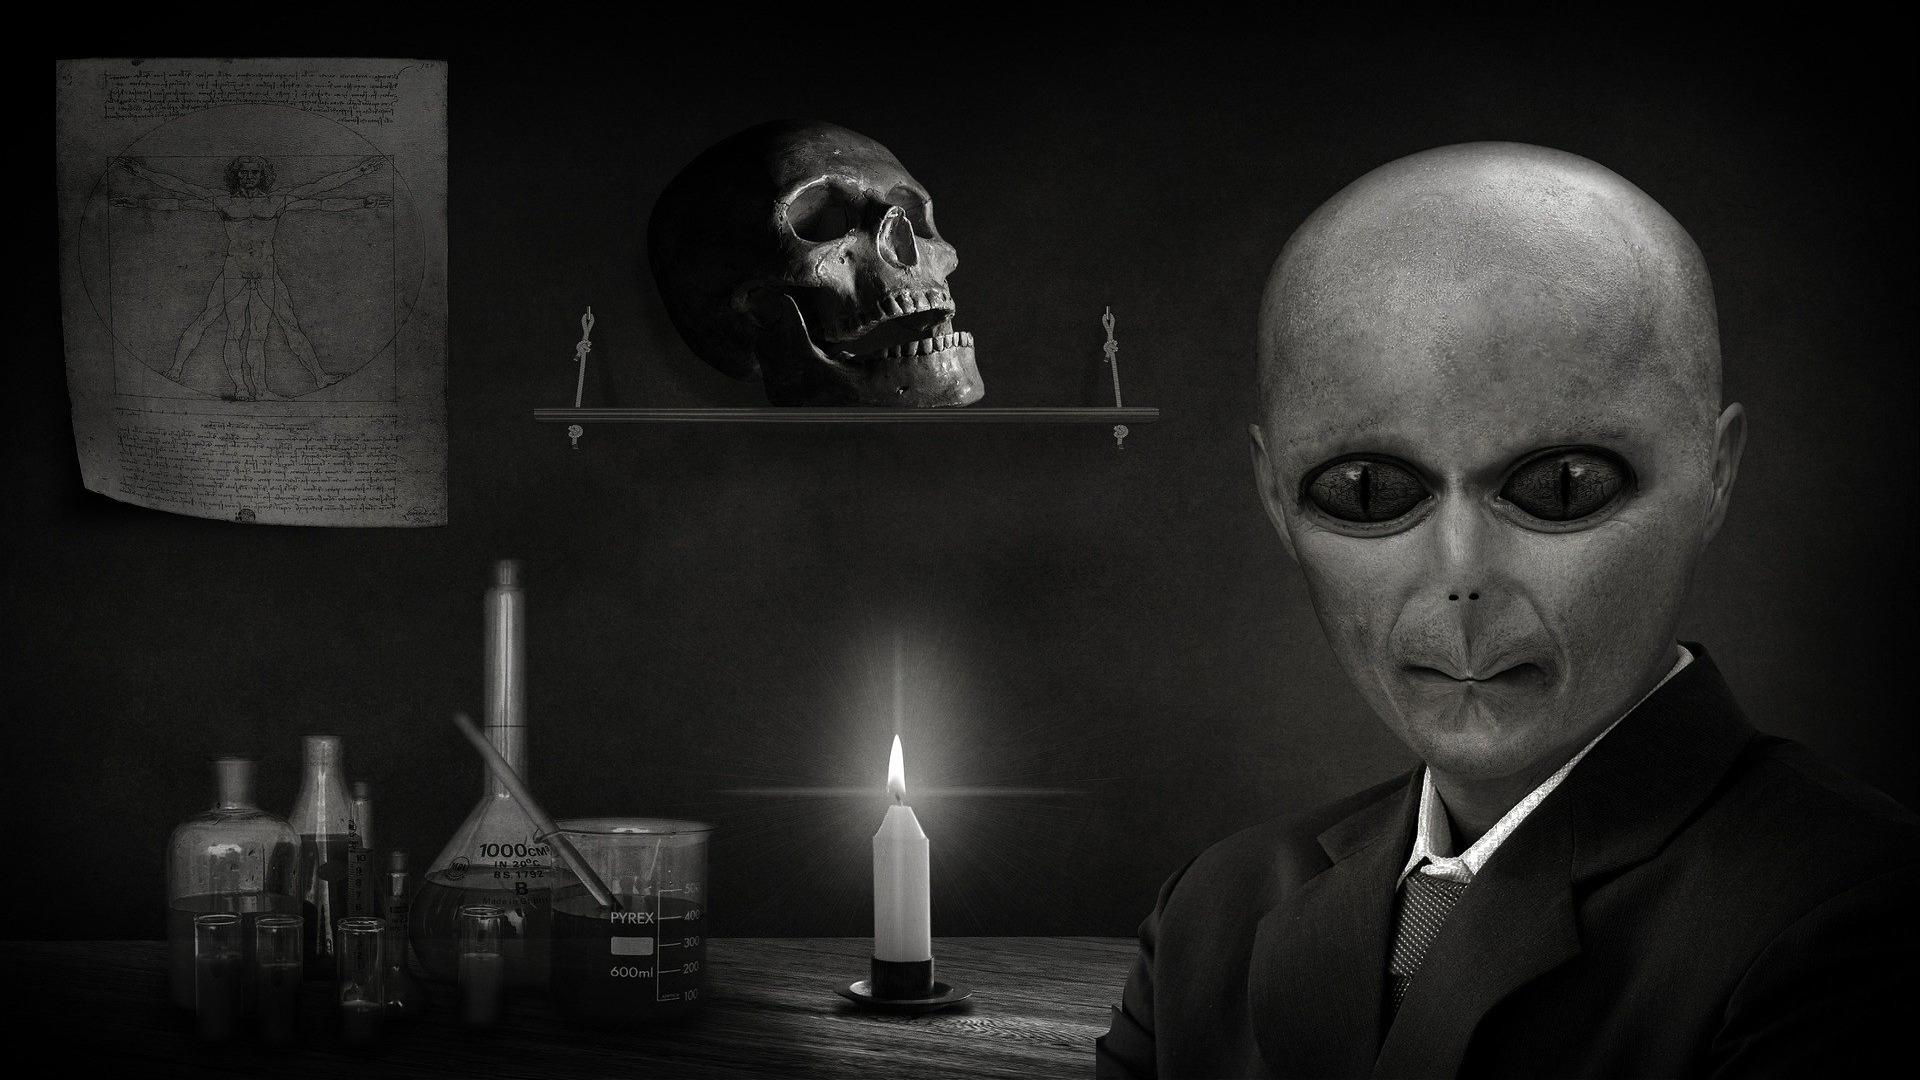 Joseph Mengele más conocido como el angel de la muerte 1920